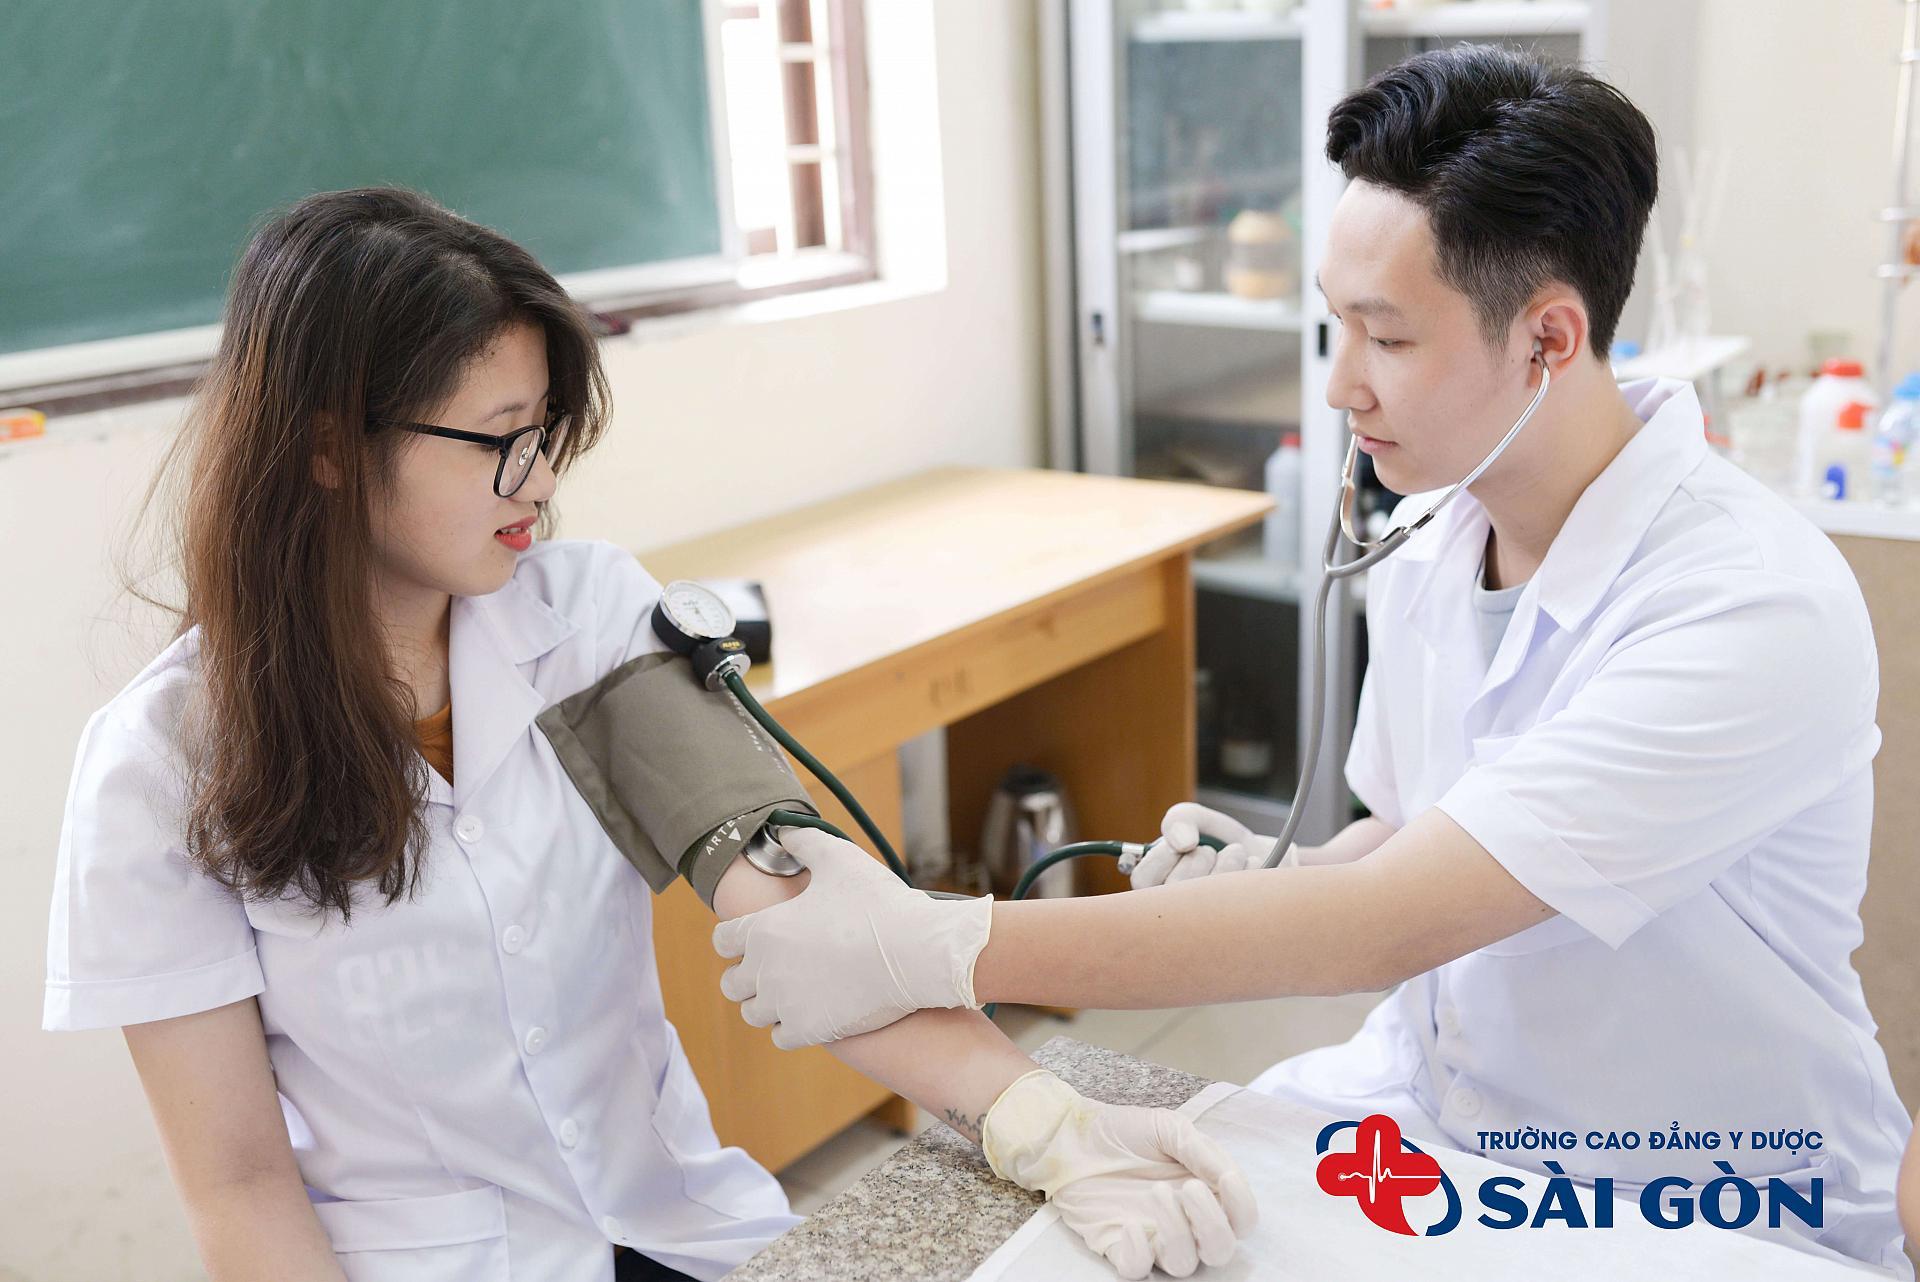 Các trường đào tạo cao đẳng điều dưỡng